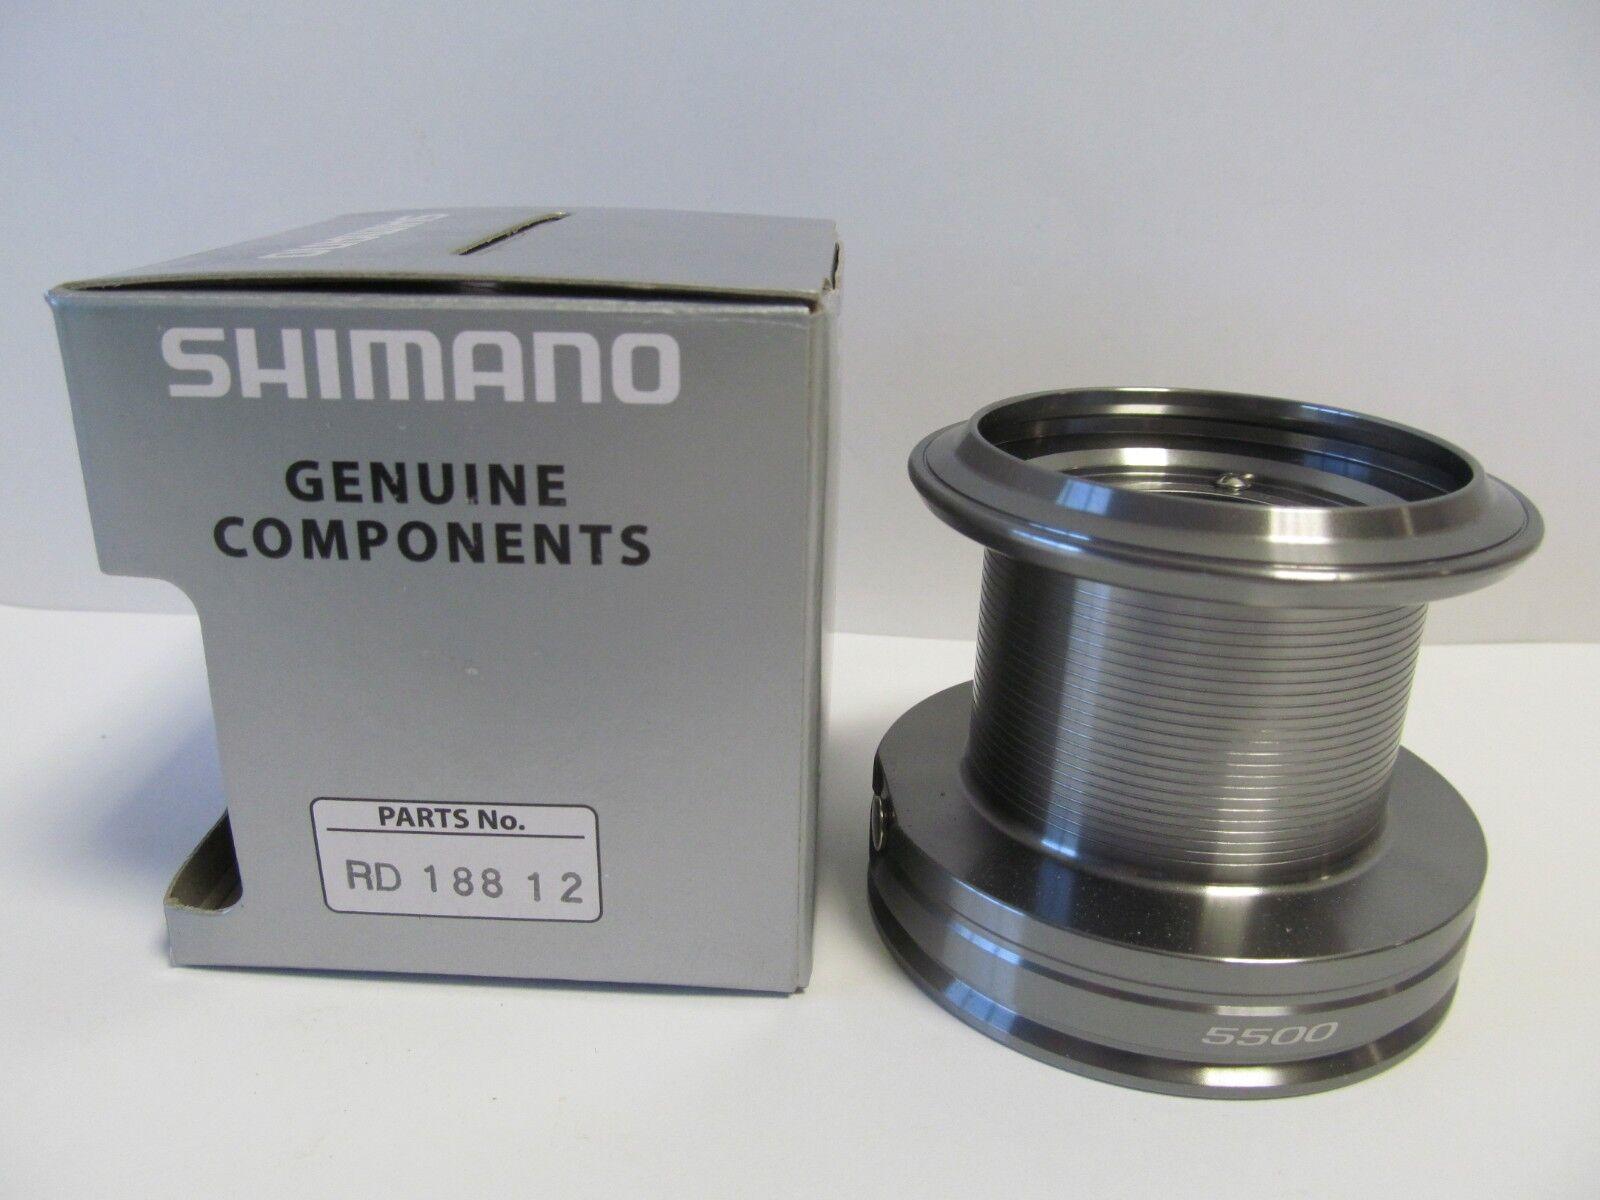 Cocherete de repuesto Shimano para caber Surf Ultegra CI4+  5500 Xs-b (RD 18812)  Hay más marcas de productos de alta calidad.